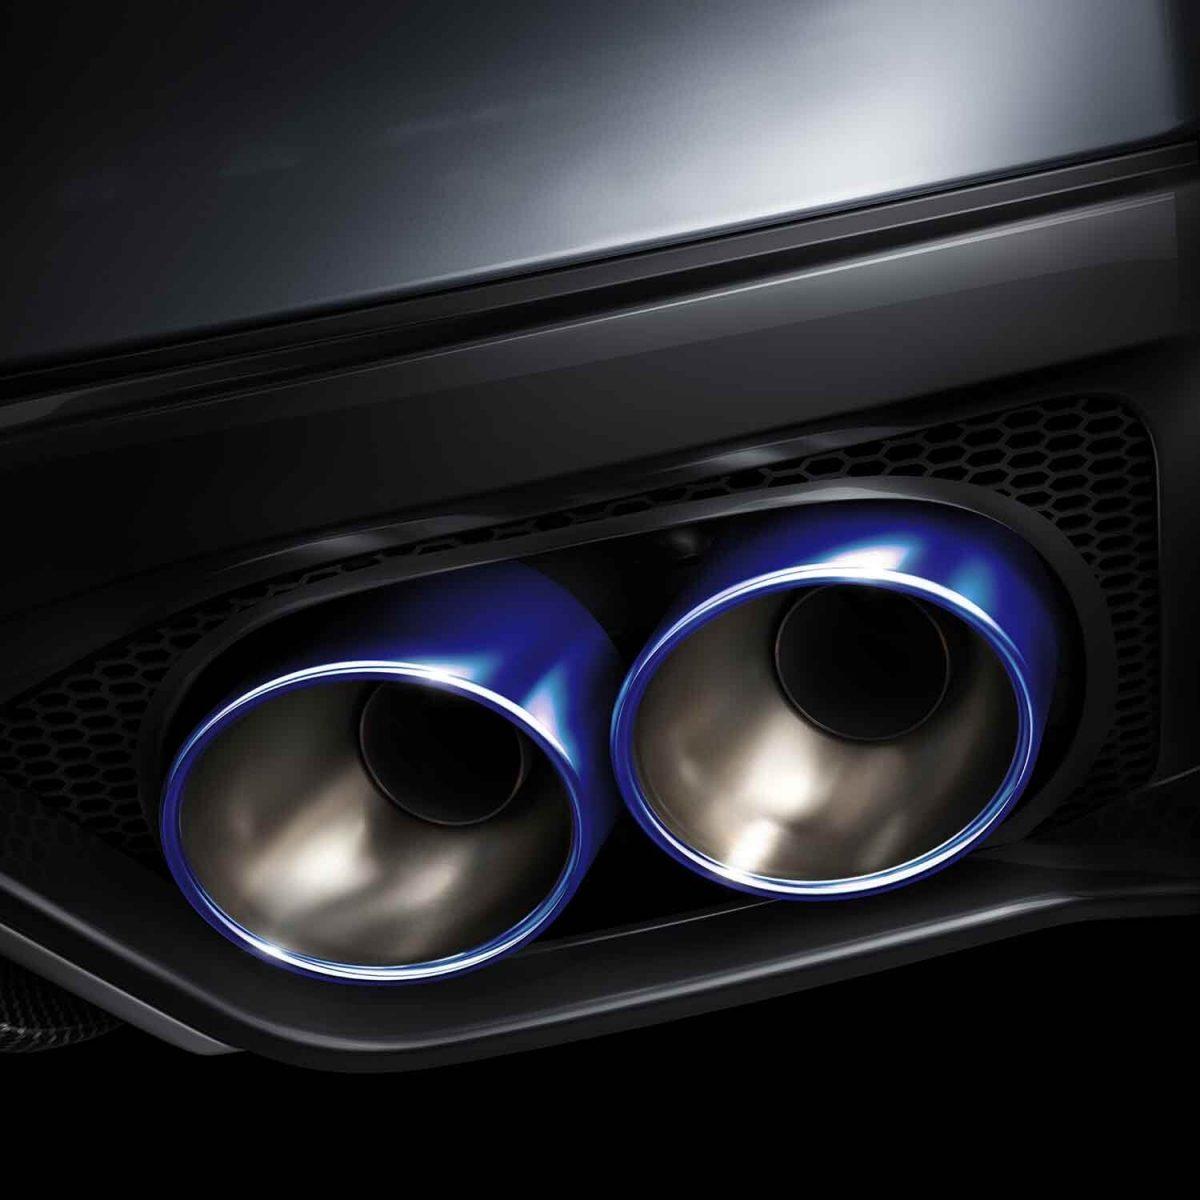 gtr-blue-titanium-exhaust